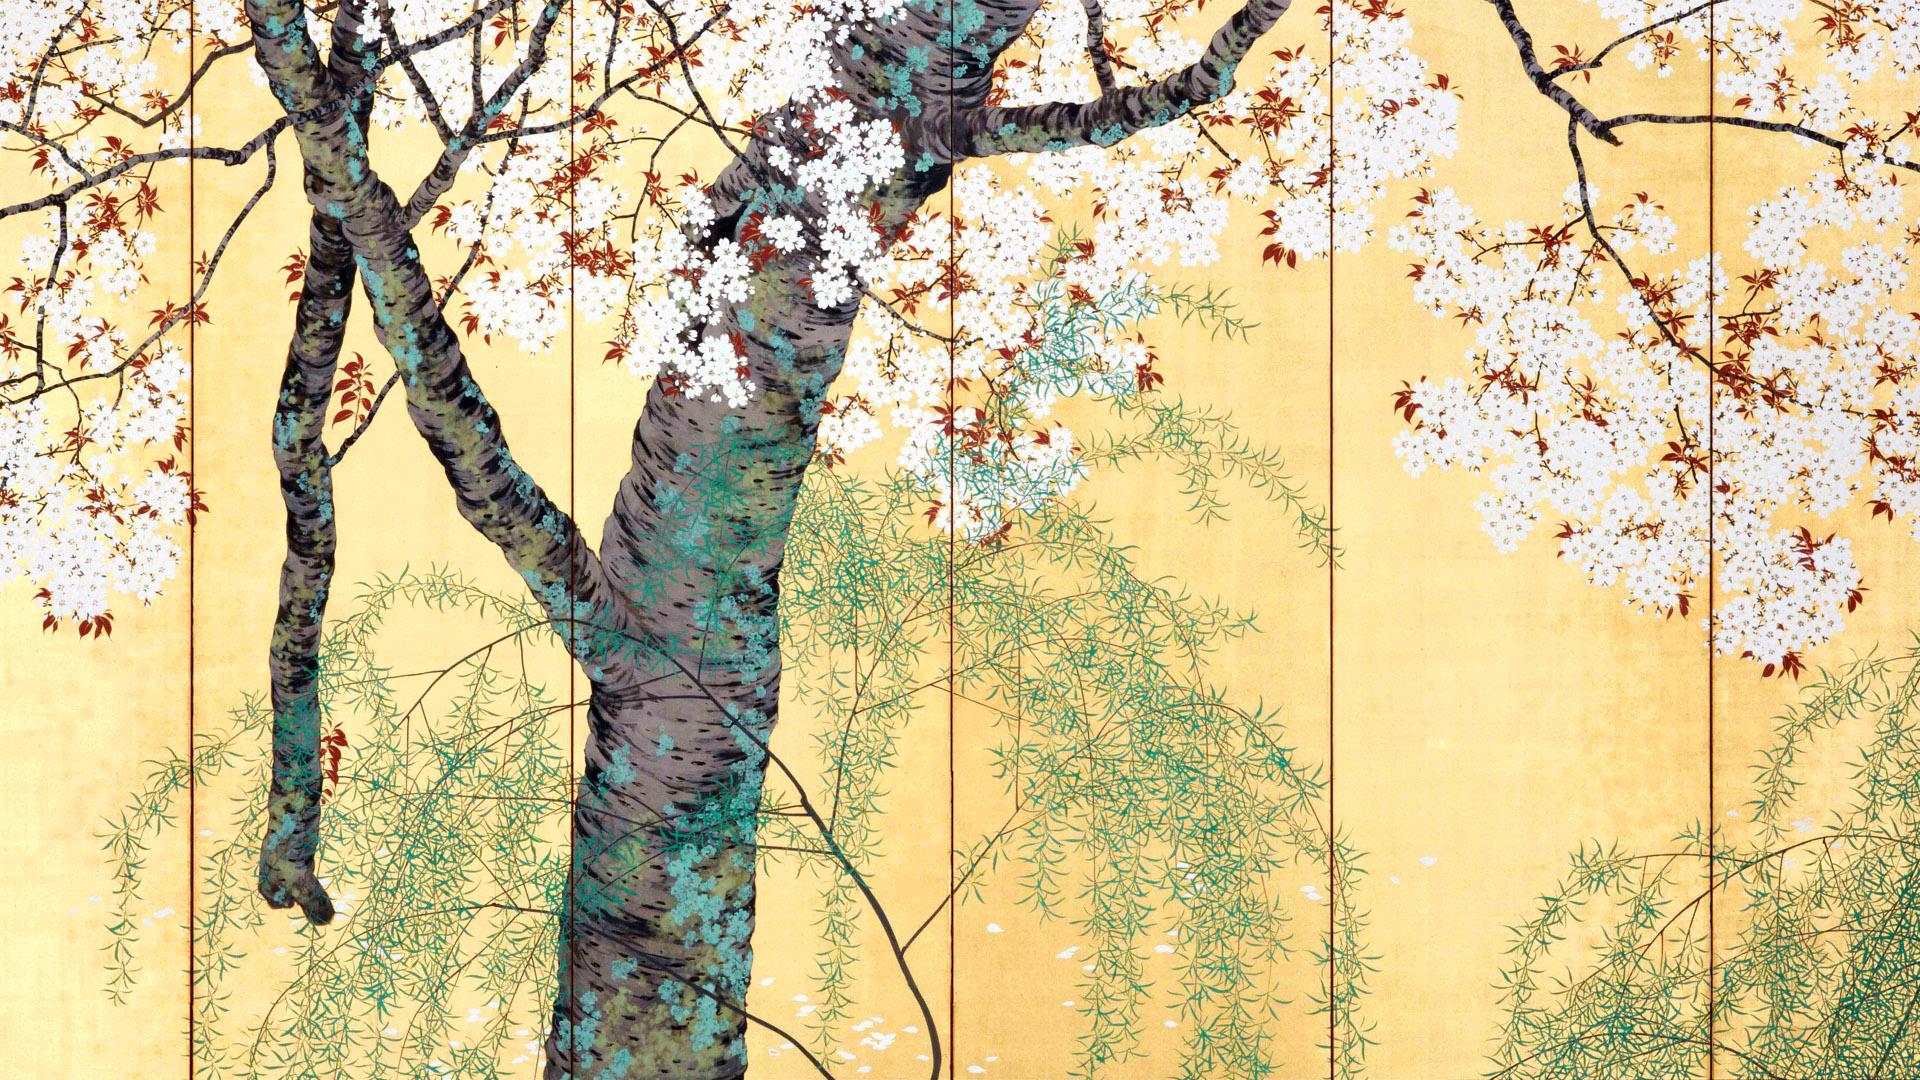 木島桜谷 柳桜図 左 konoshima okoku - Yanagizakura zu hidari 1920x1080